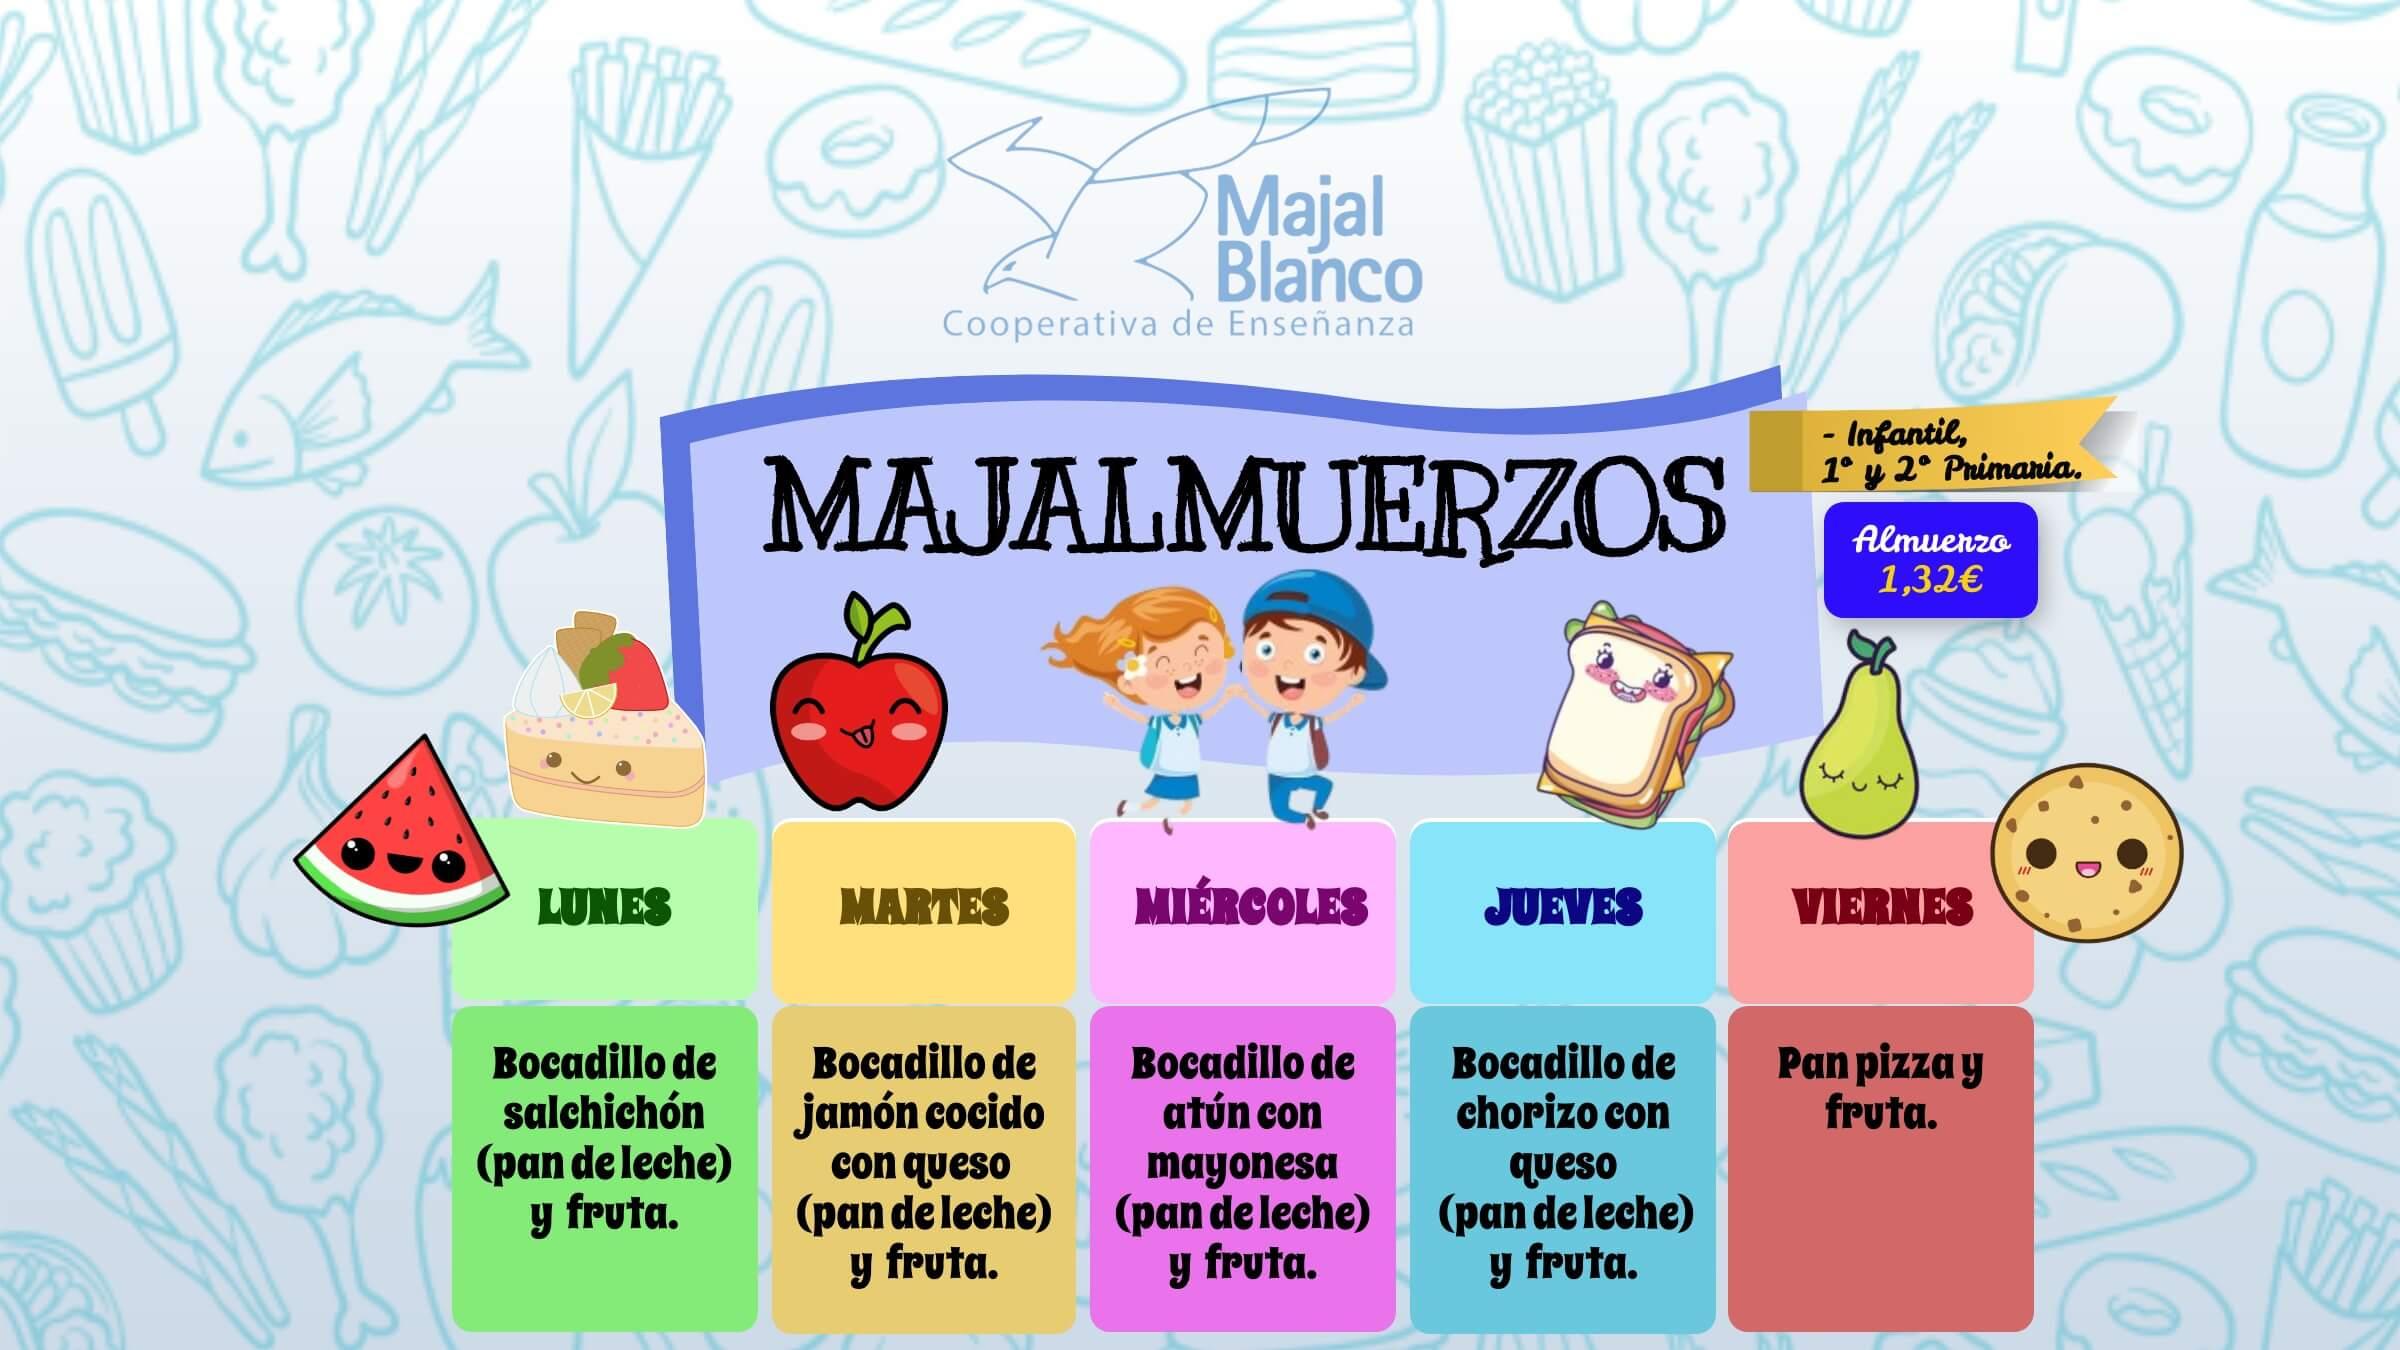 https://majalblanco.es/wp-content/uploads/2020/09/MAJALMUERZOS-INFANTIL.jpg